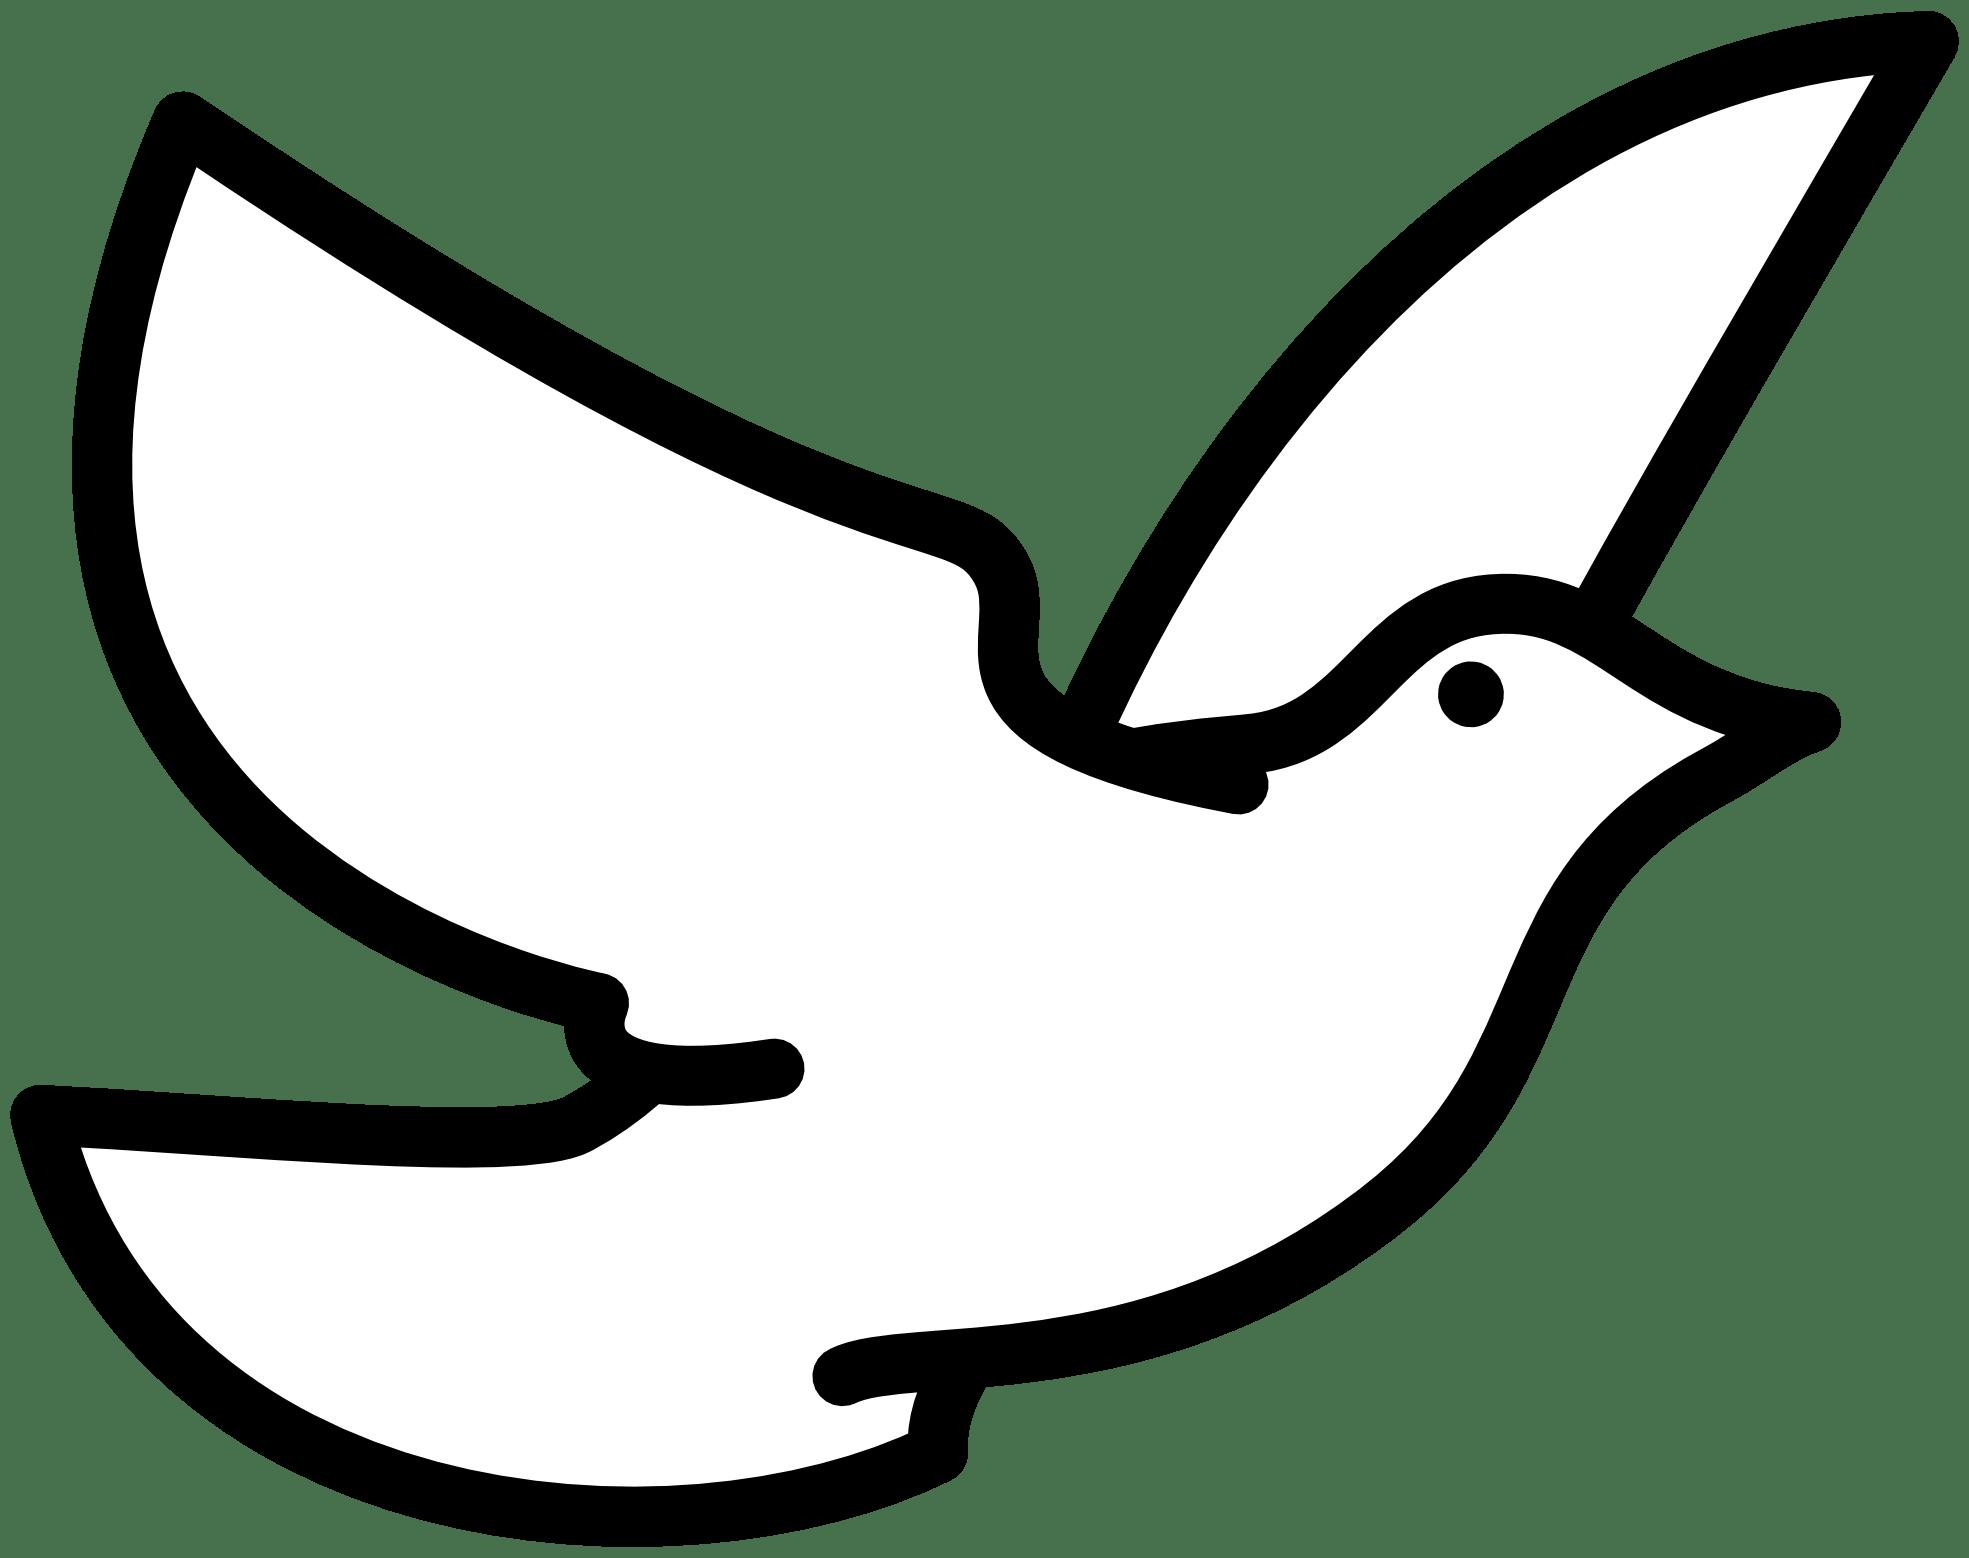 Birds Flying Clip Art